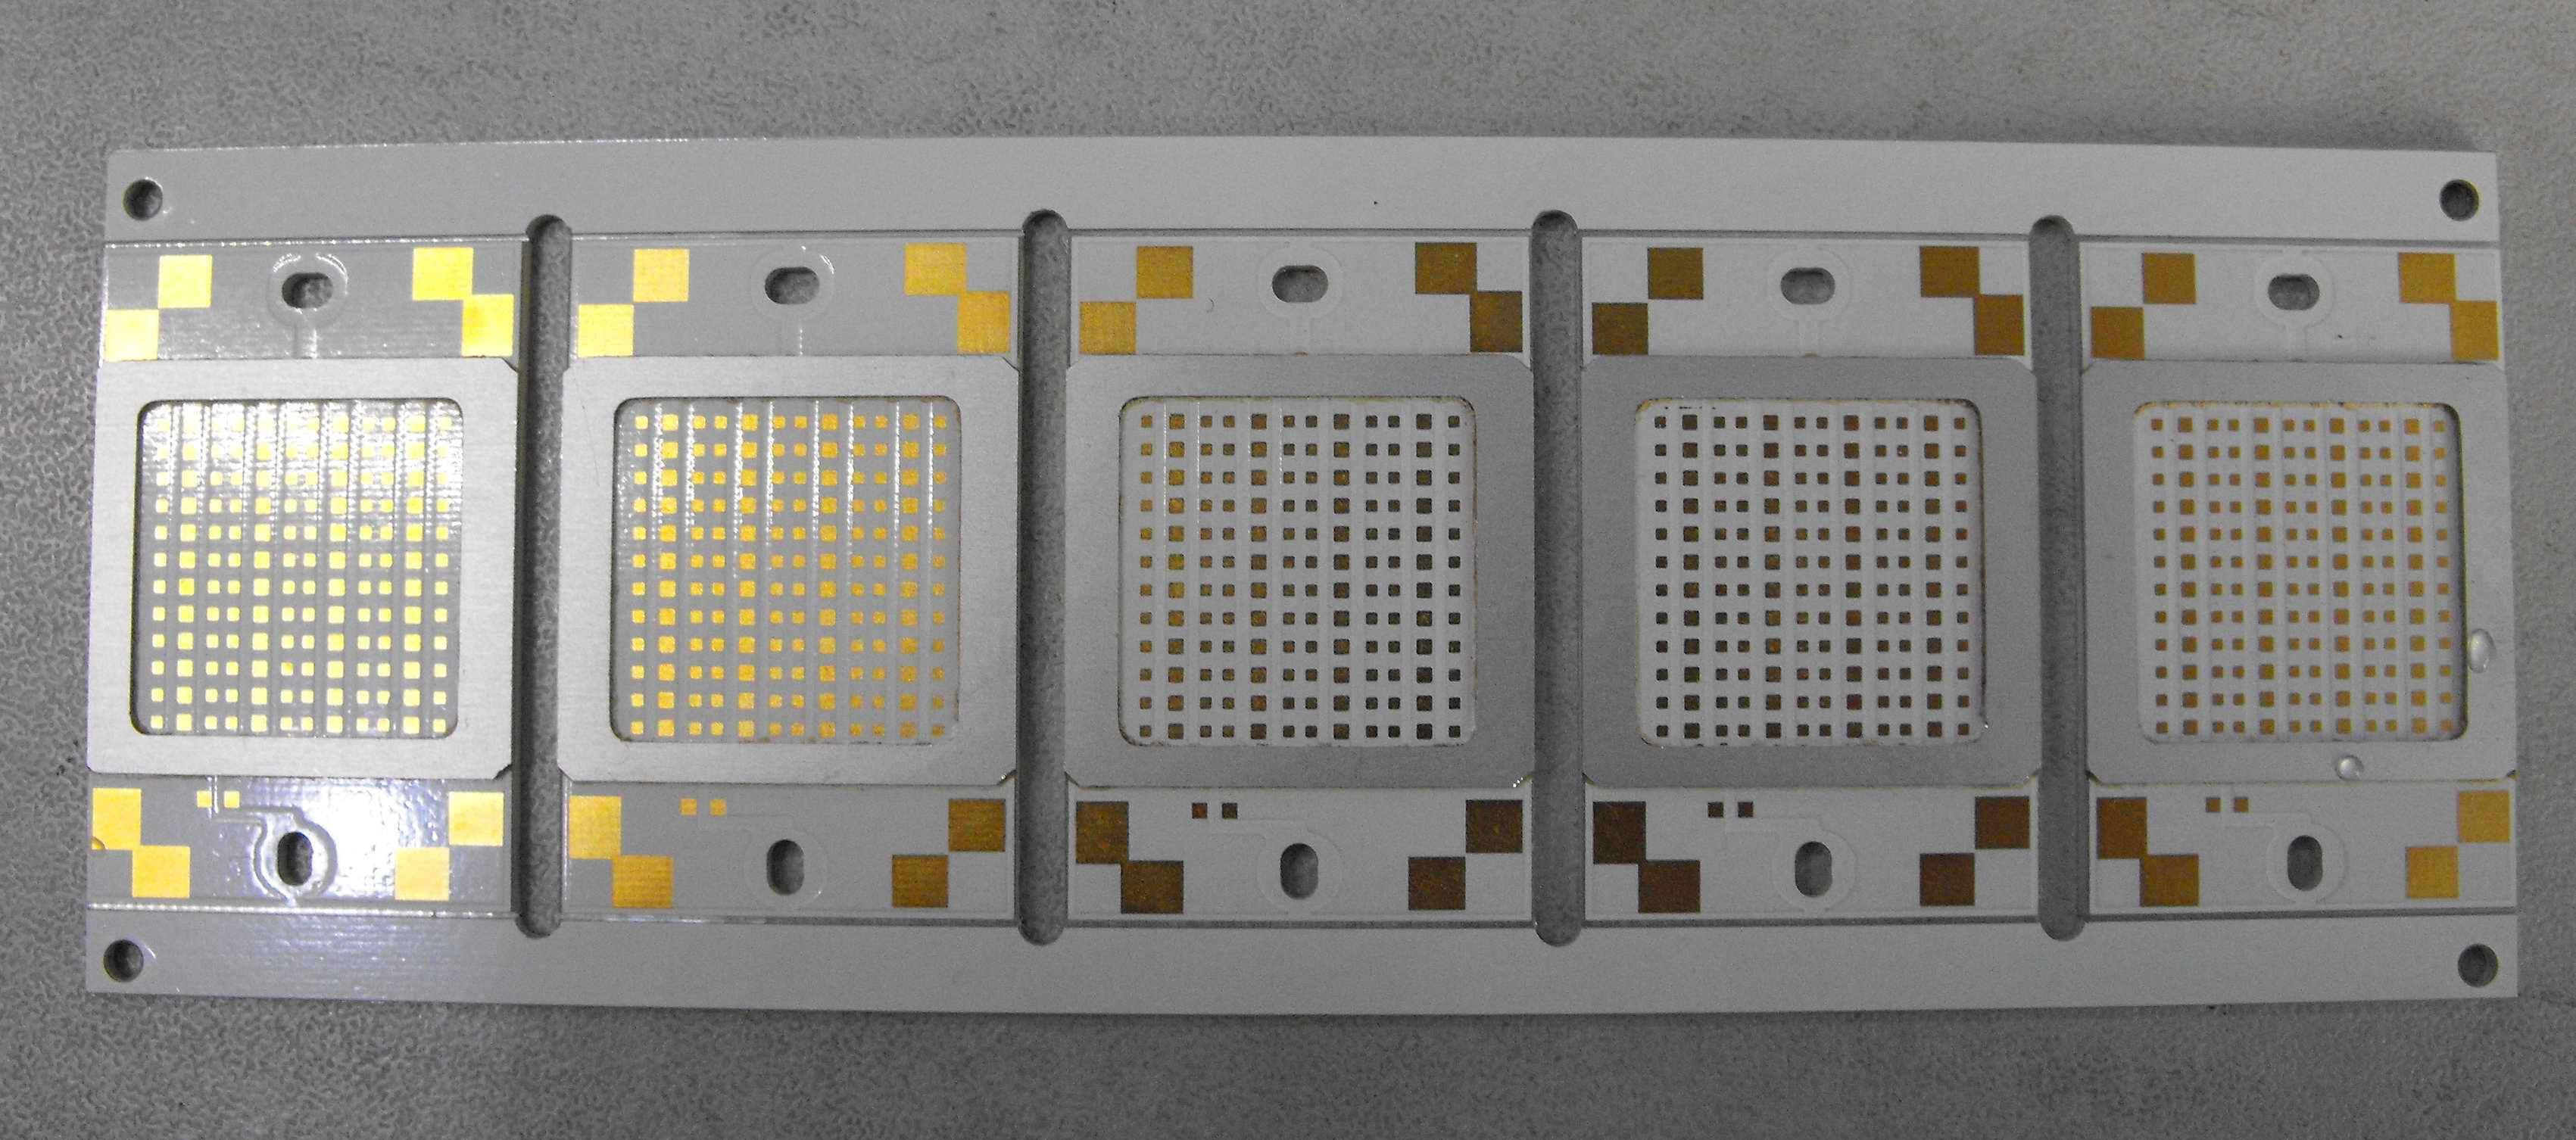 铝基板PCB打样